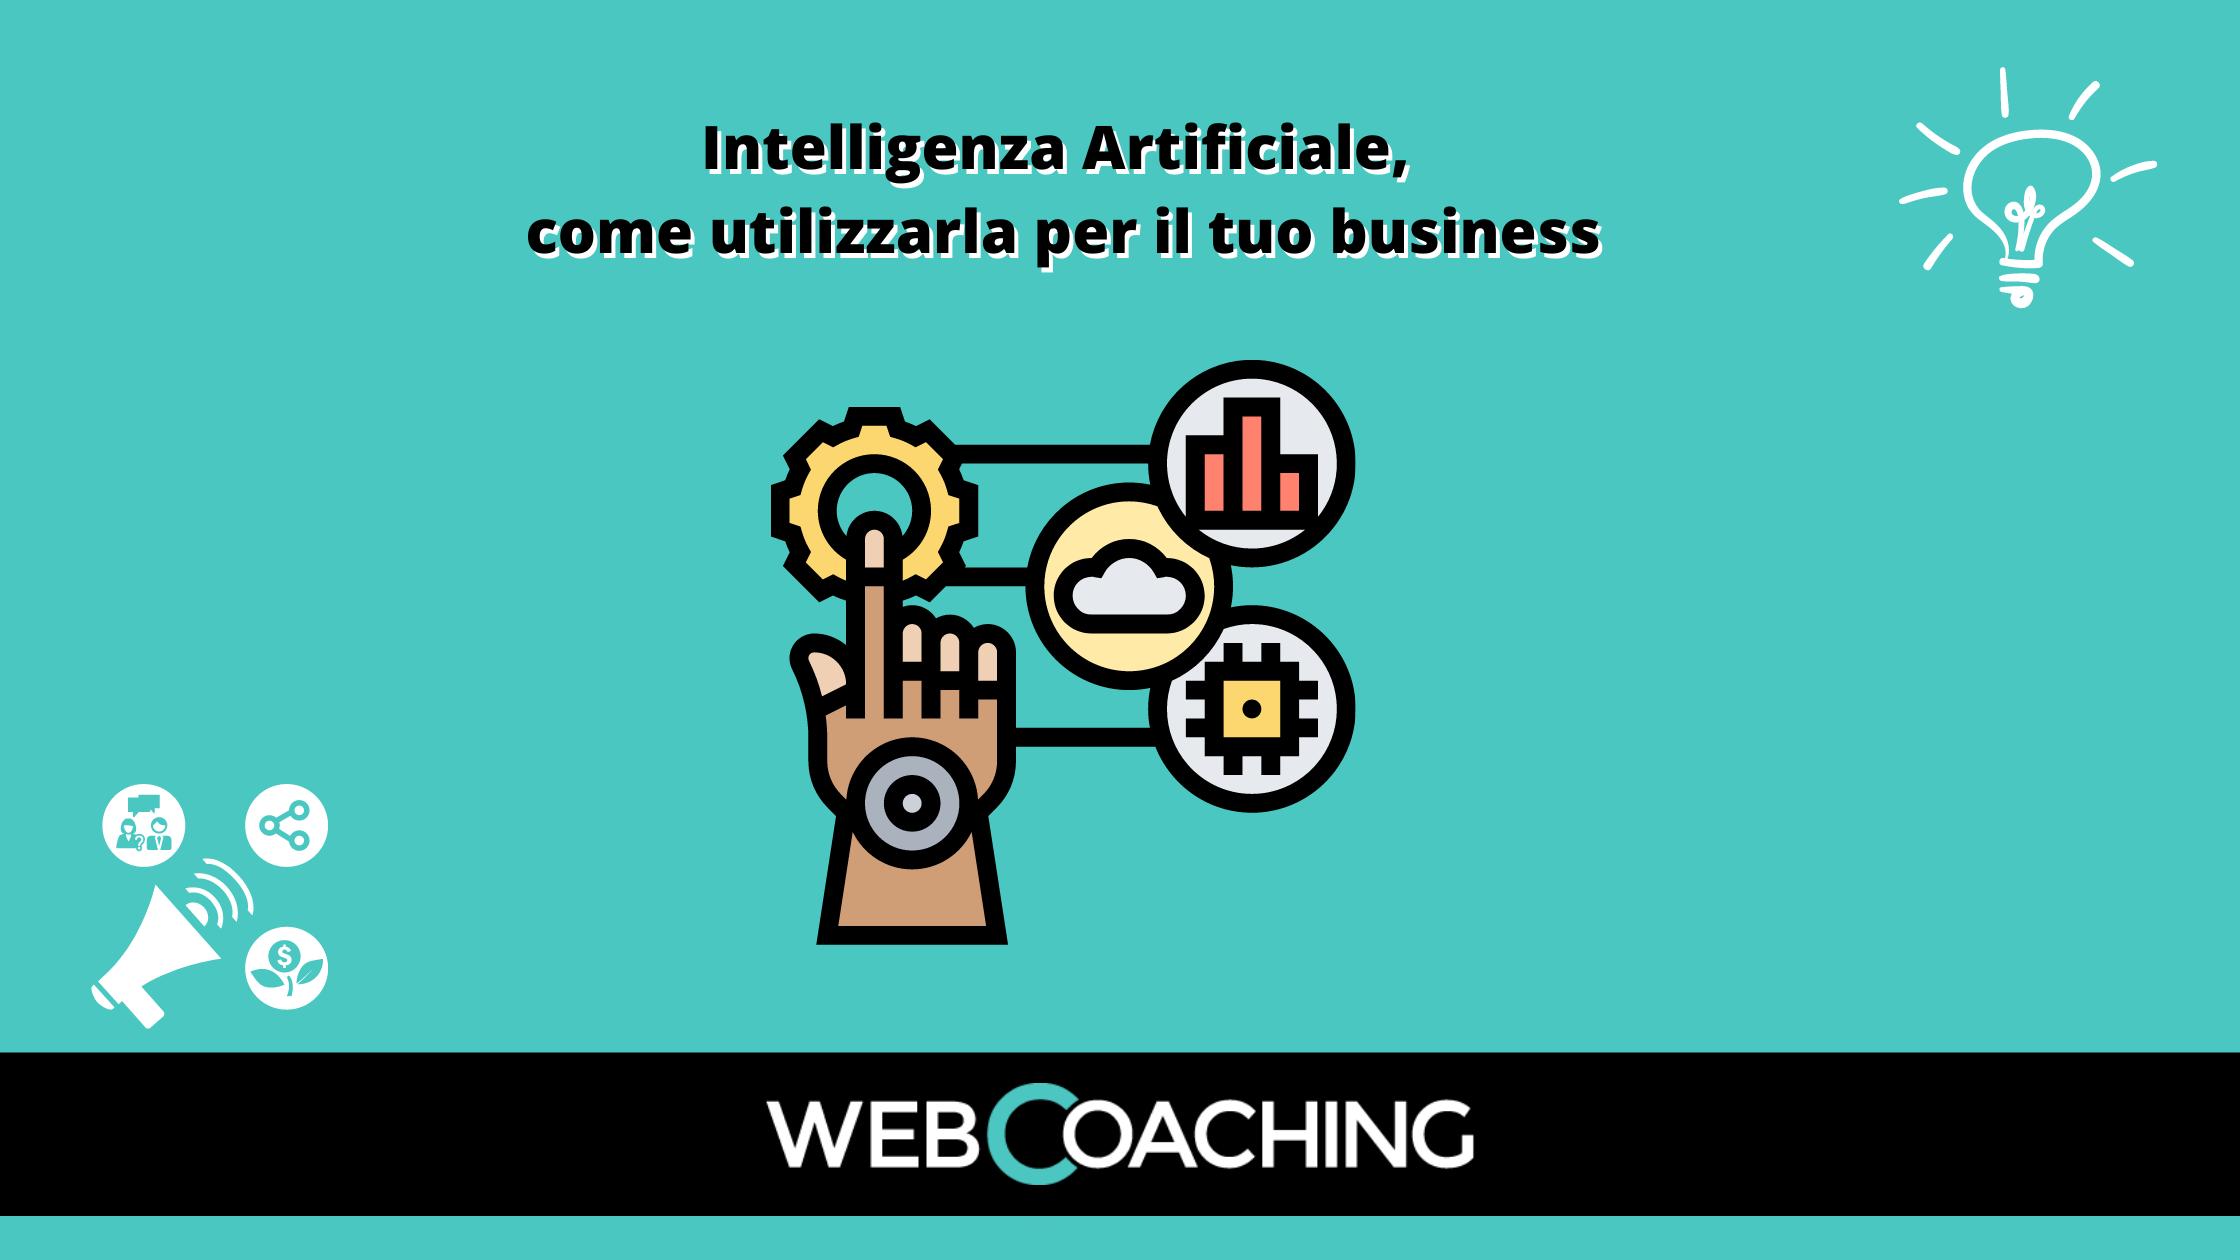 Intelligenza Artificiale per il tuo business